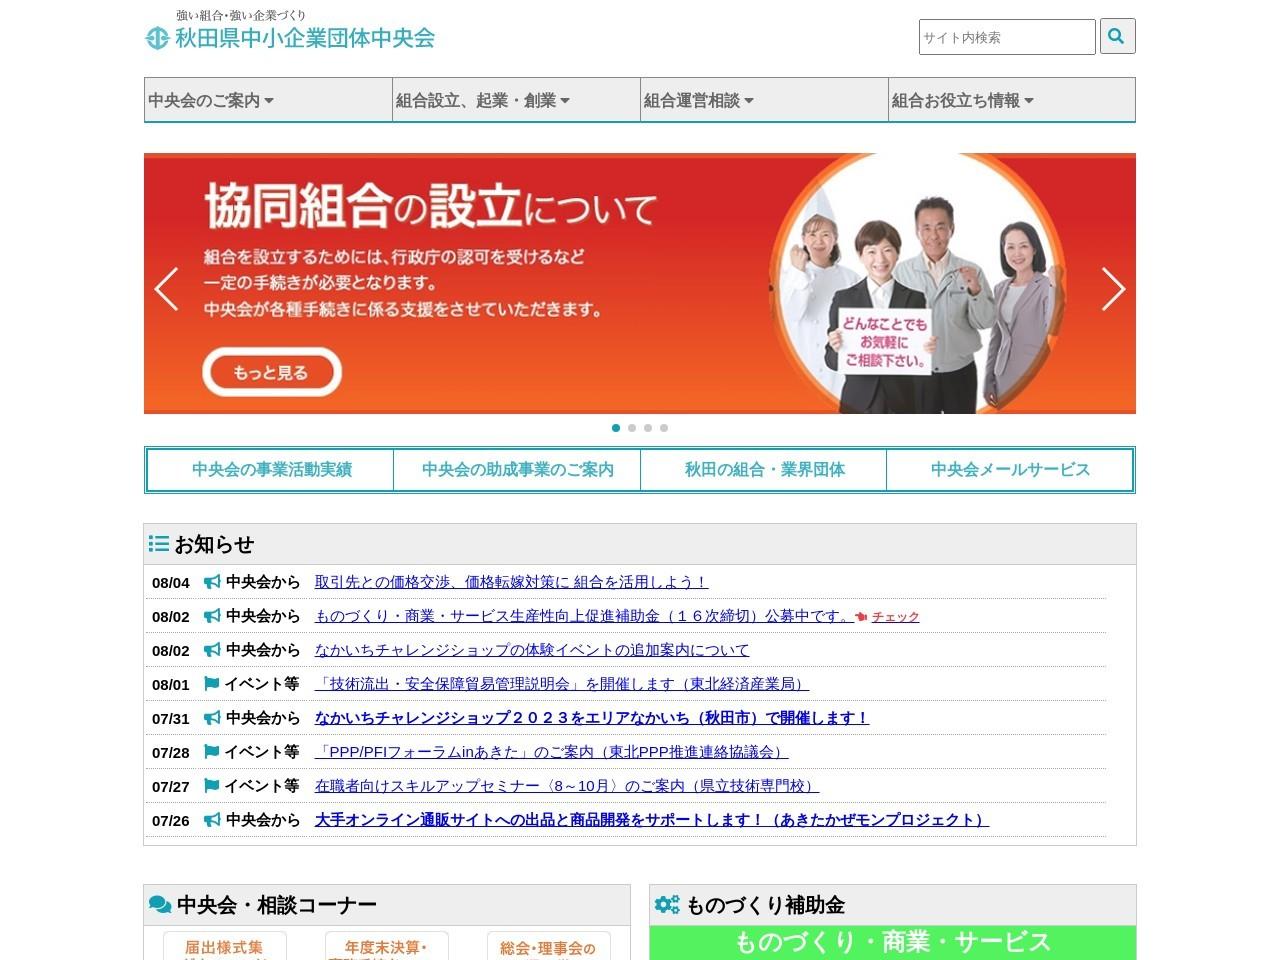 秋田県中小企業団体中央会 《起業・創業・連携・革新の総合サポーター》